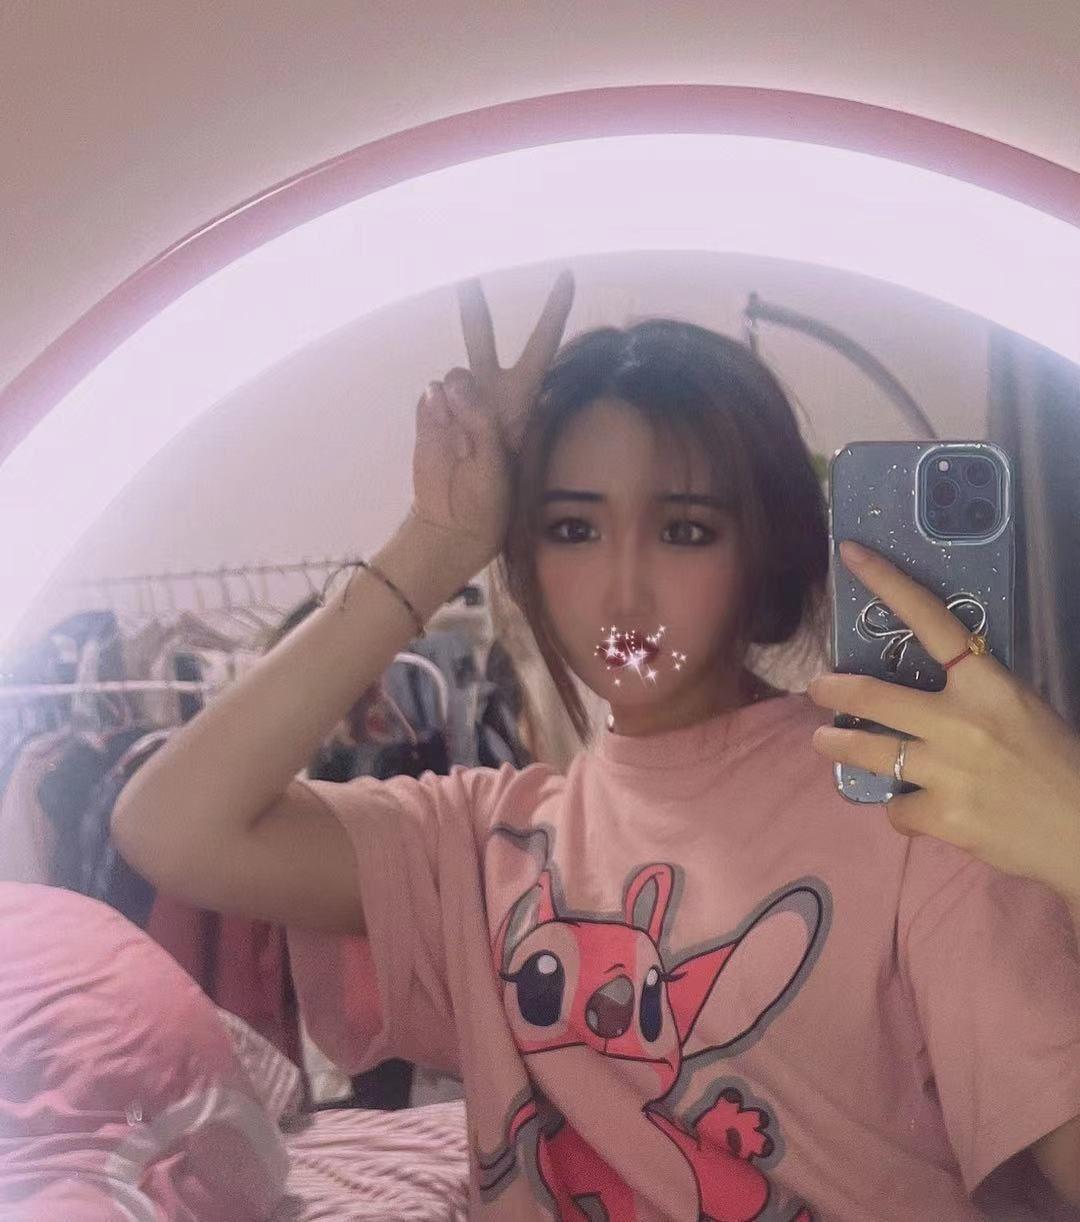 陪玩妹子®艾曦女友·江睿的照片9